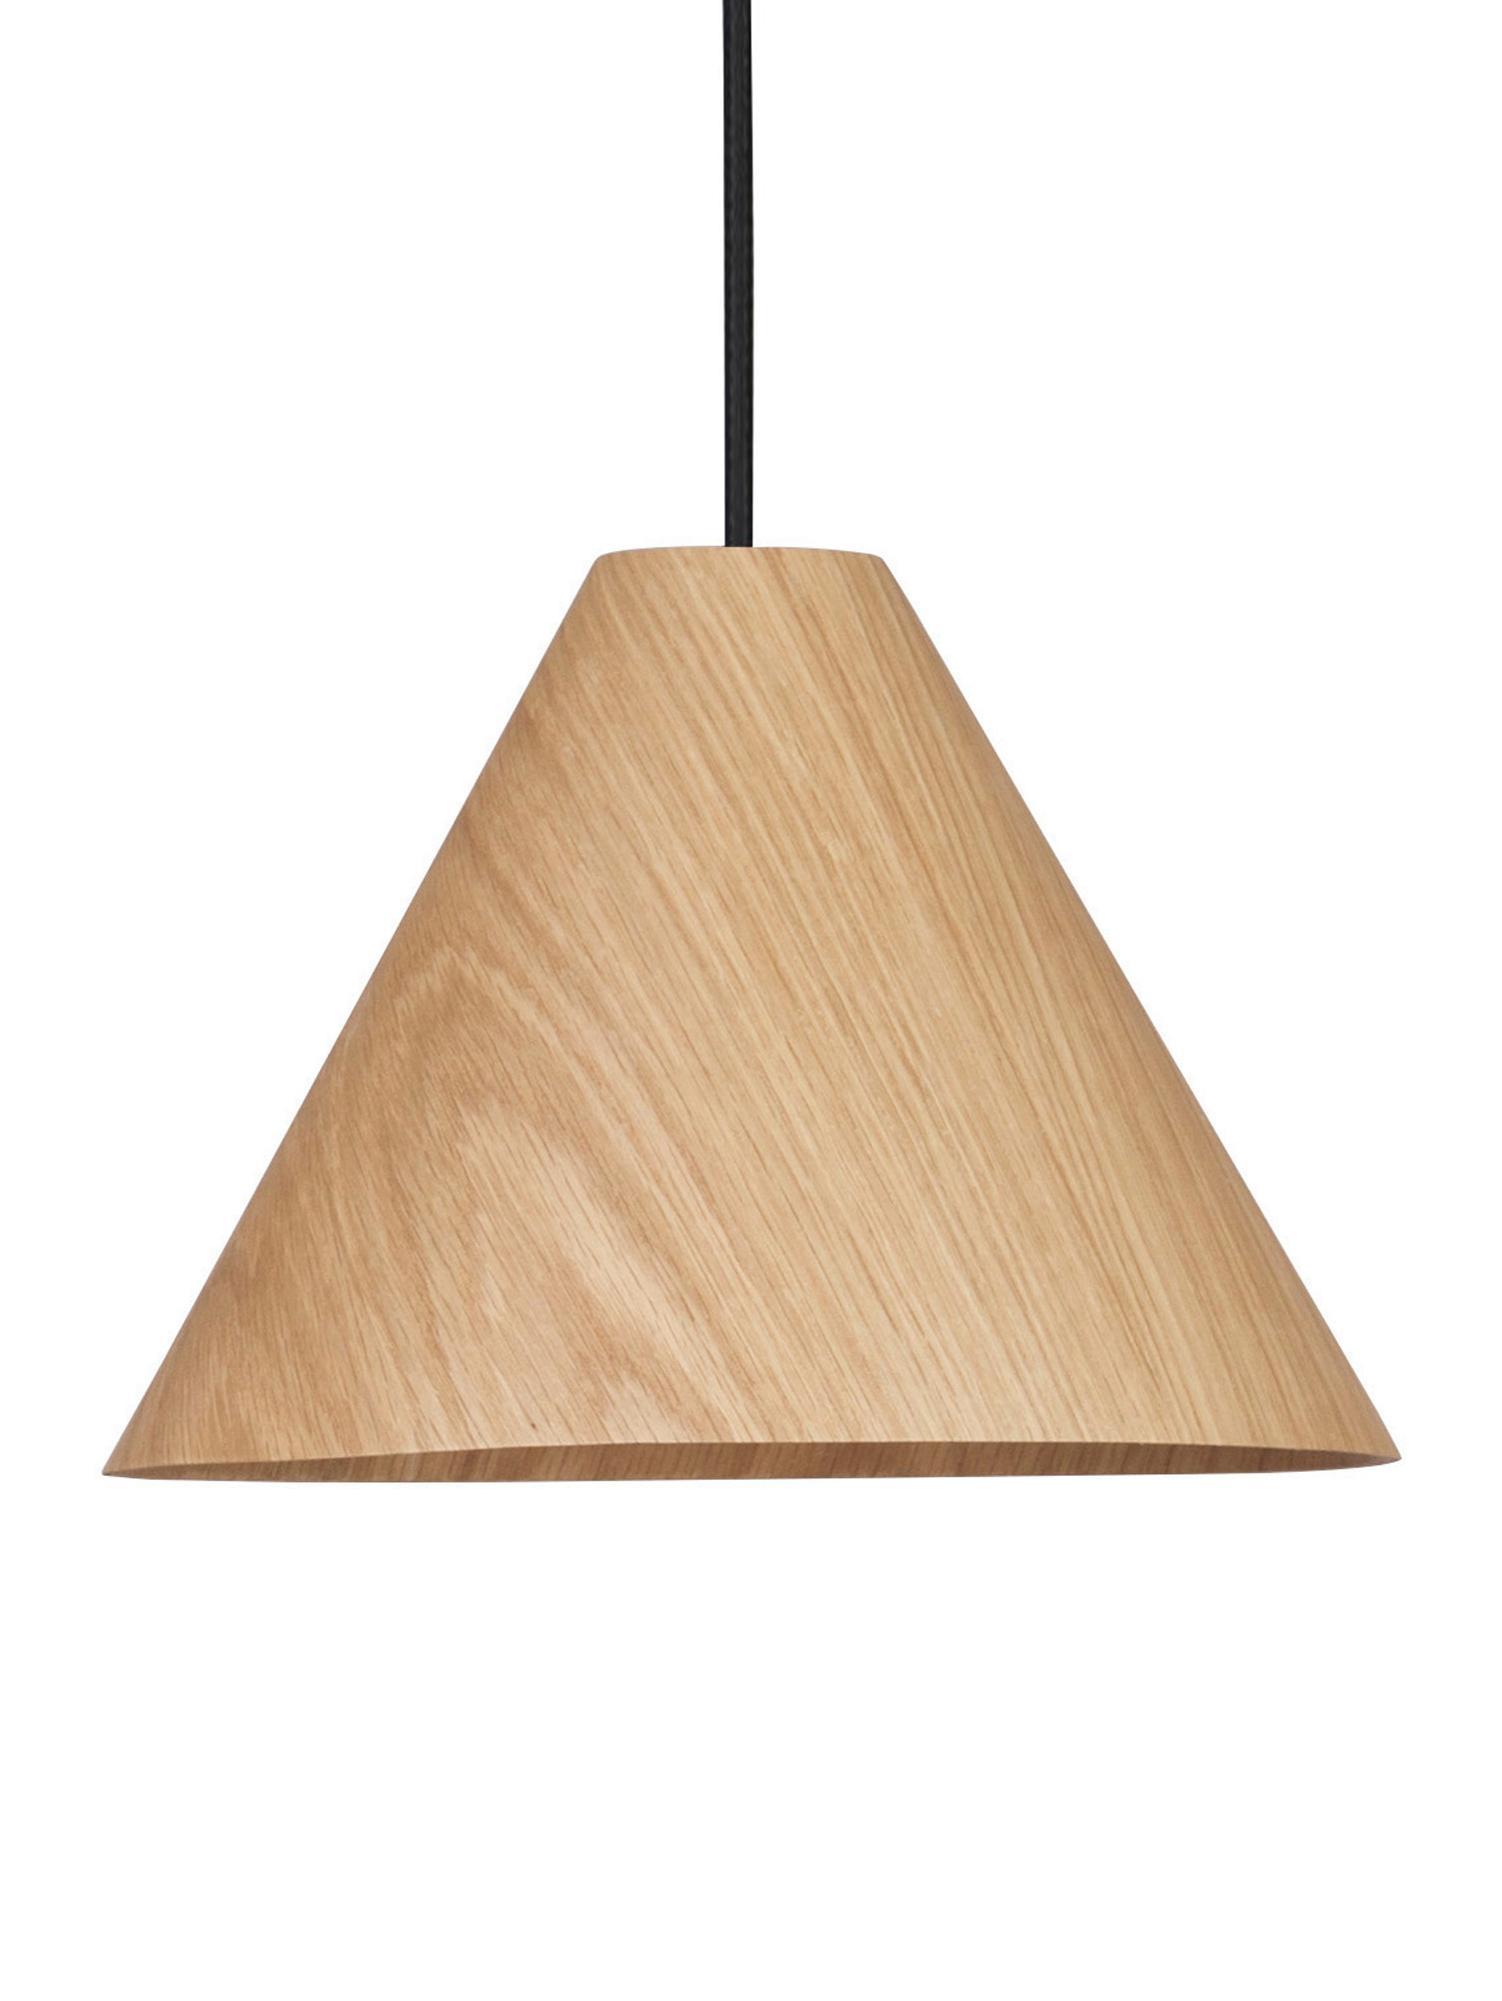 Lampada a sospensione in legno Wera, Paralume: legno, Baldacchino: legno, Legno, nero, Ø 25 x Alt. 130 cm